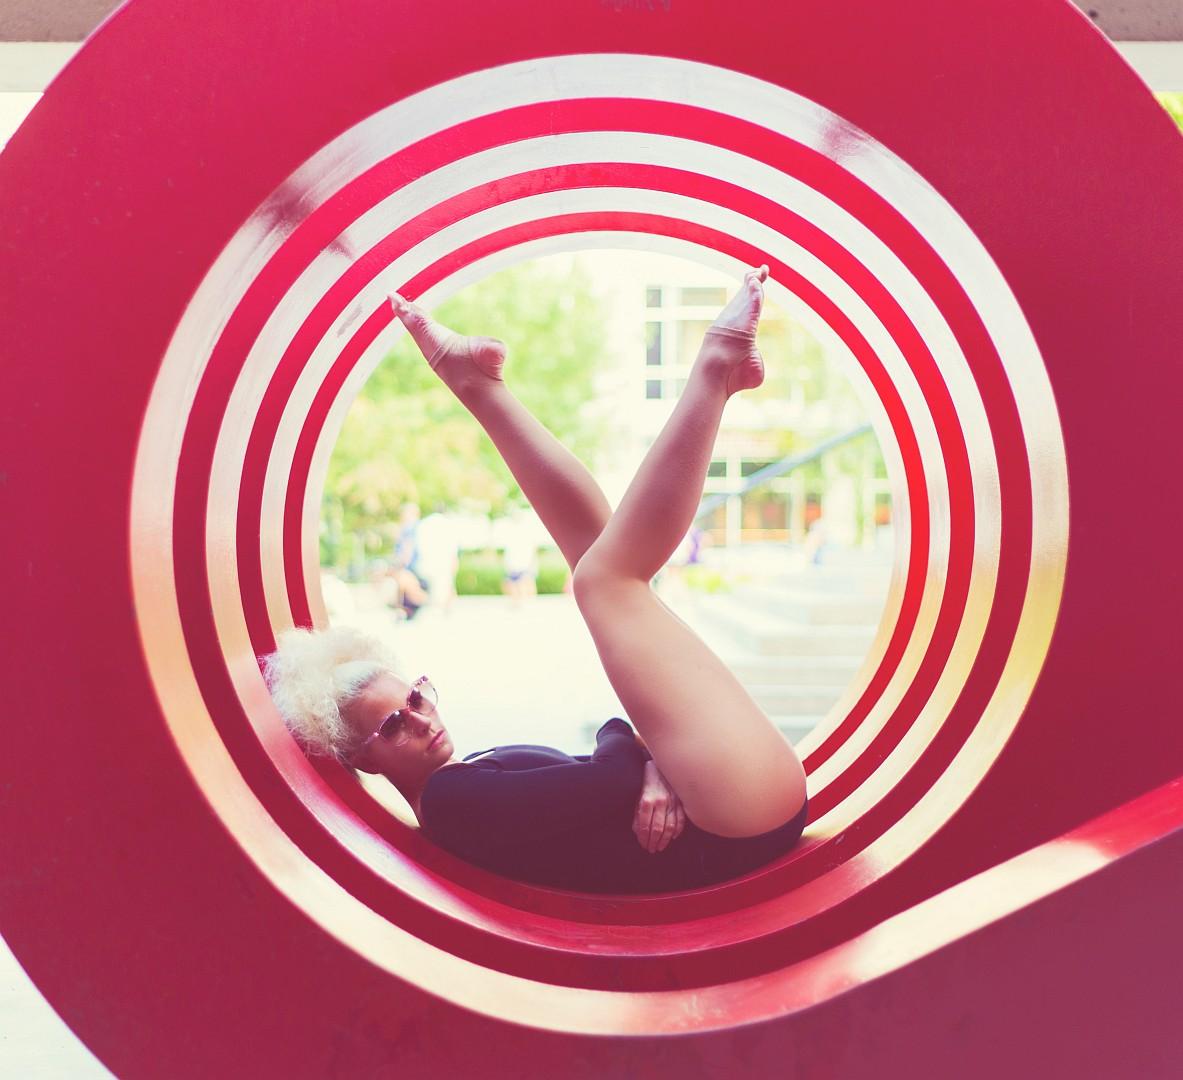 Hula hoop performer Lisa Lottie